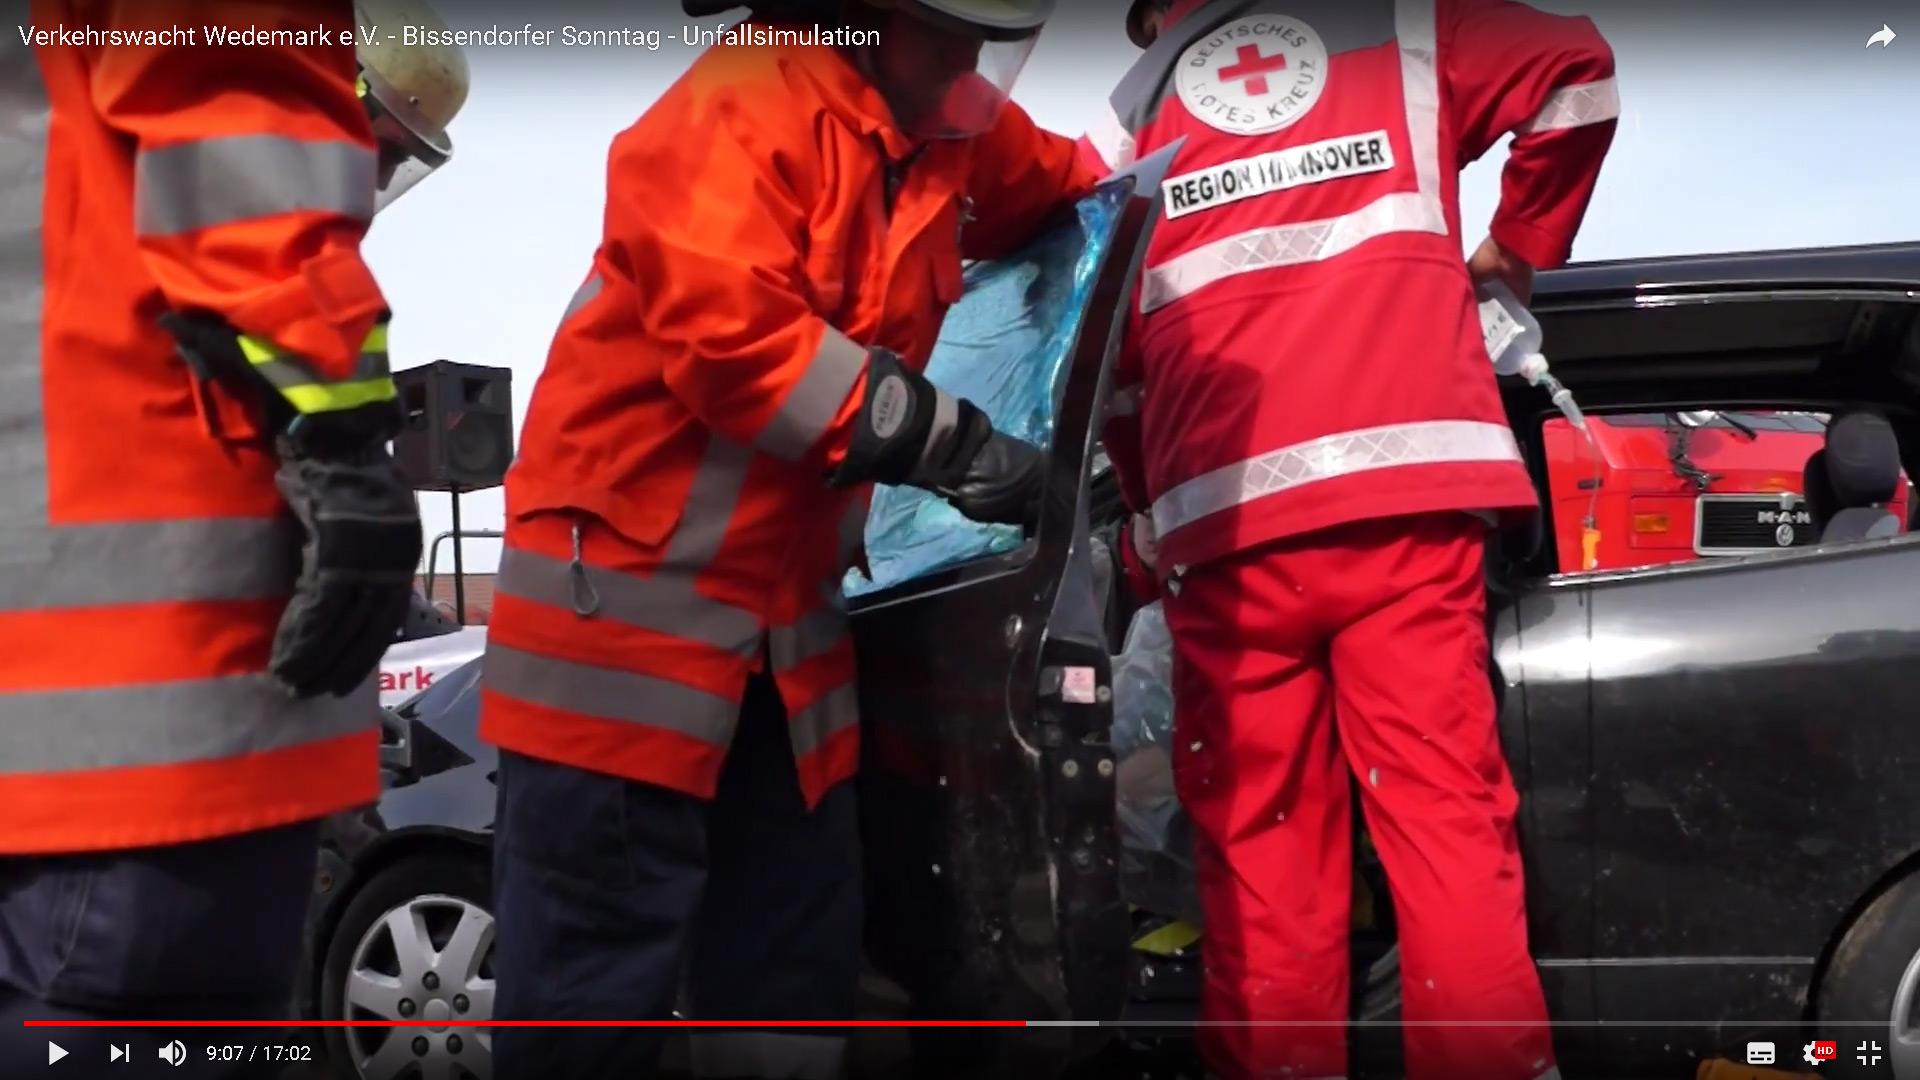 Unfallsimulation auf dem Bissendorfer Sonntag – Presse-Berichterstattung